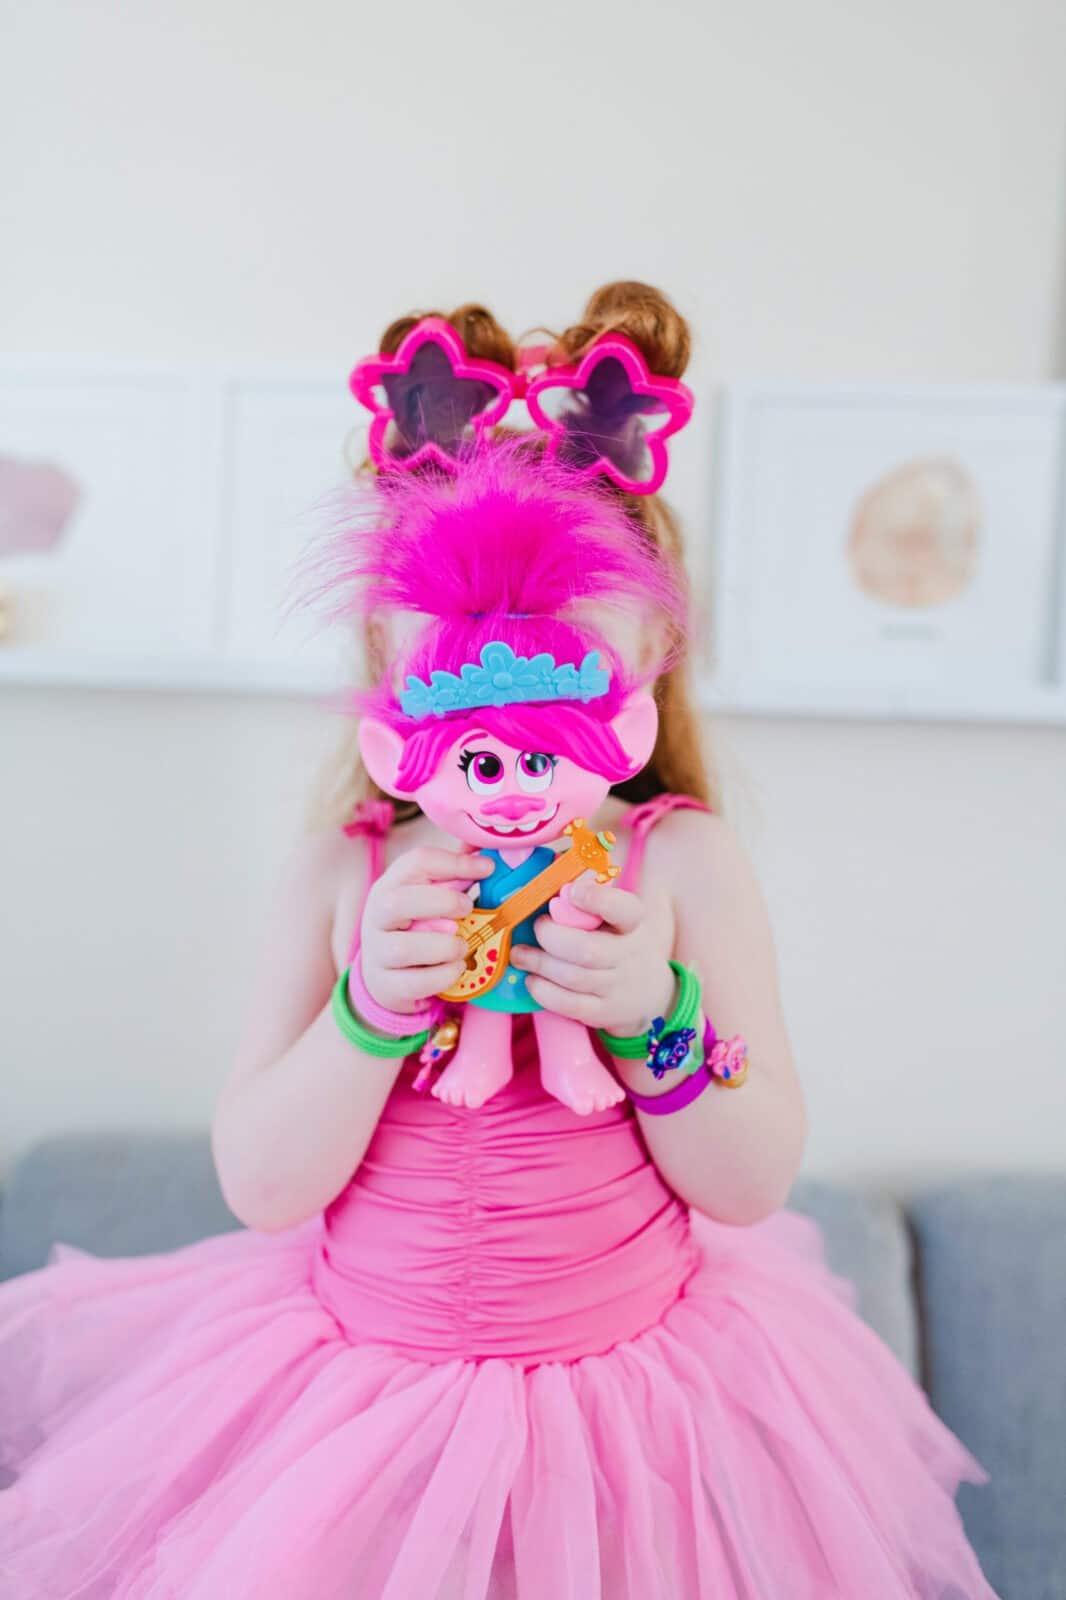 trolls toys Hasbro